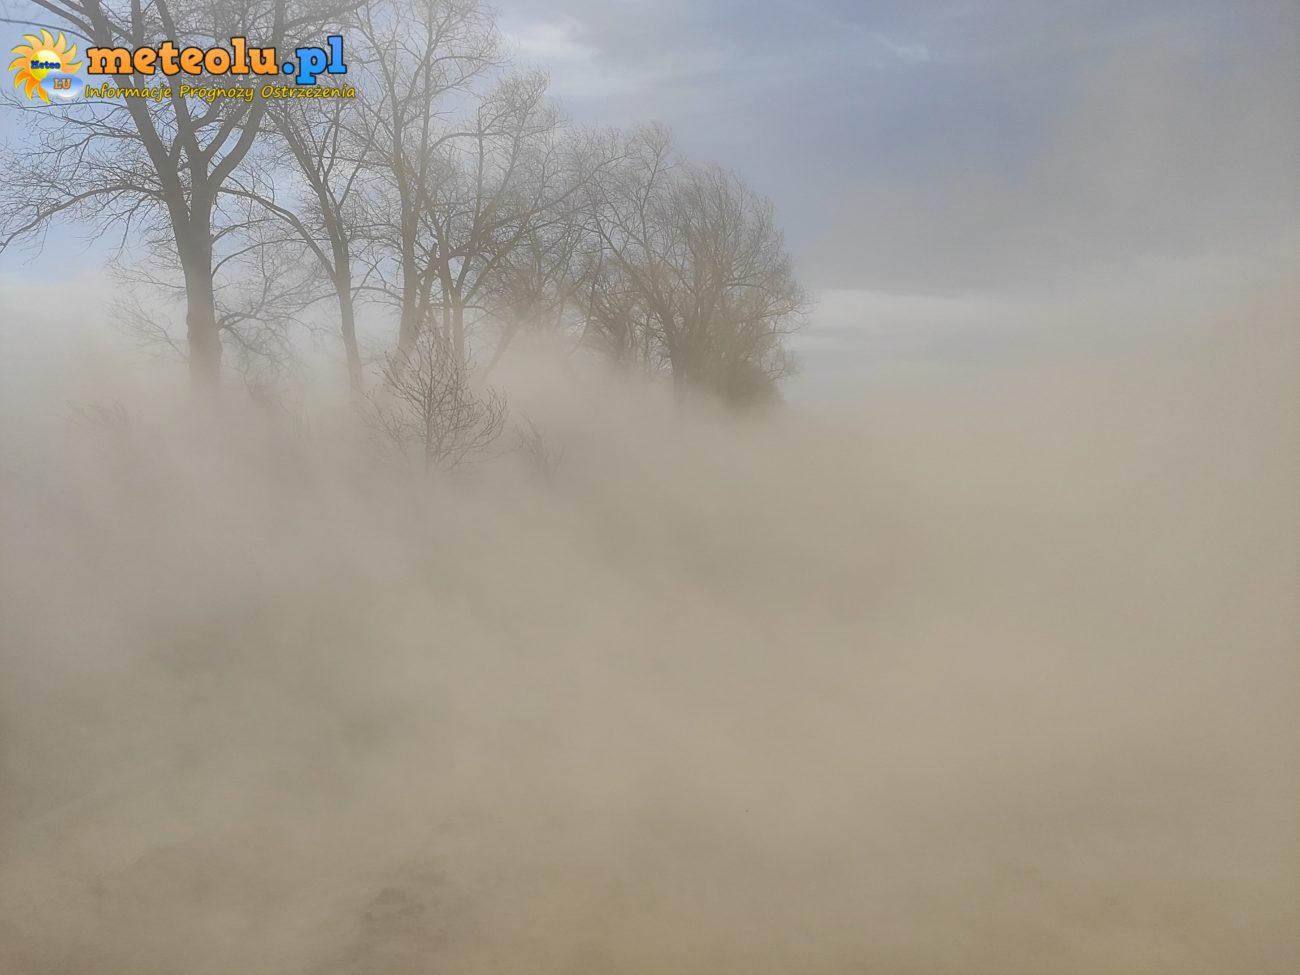 W Kijowcu zamieć jak na pustyni